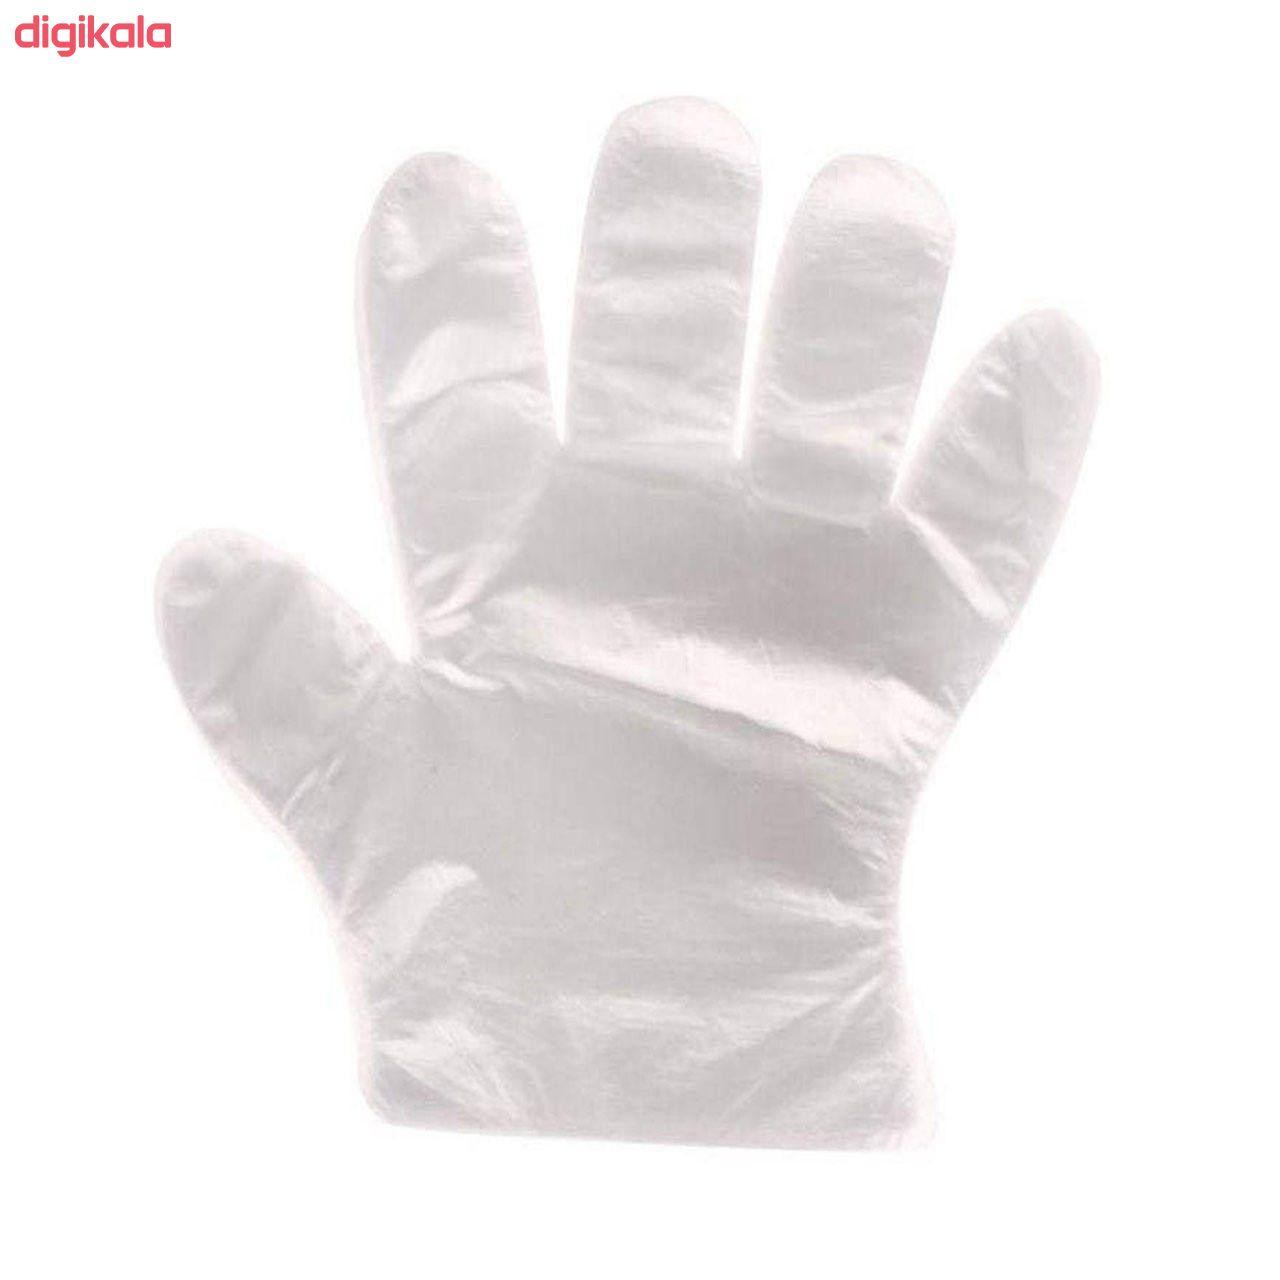 دستکش یکبار مصرف پنگوئن کد 001 بسته 100 عددی main 1 1